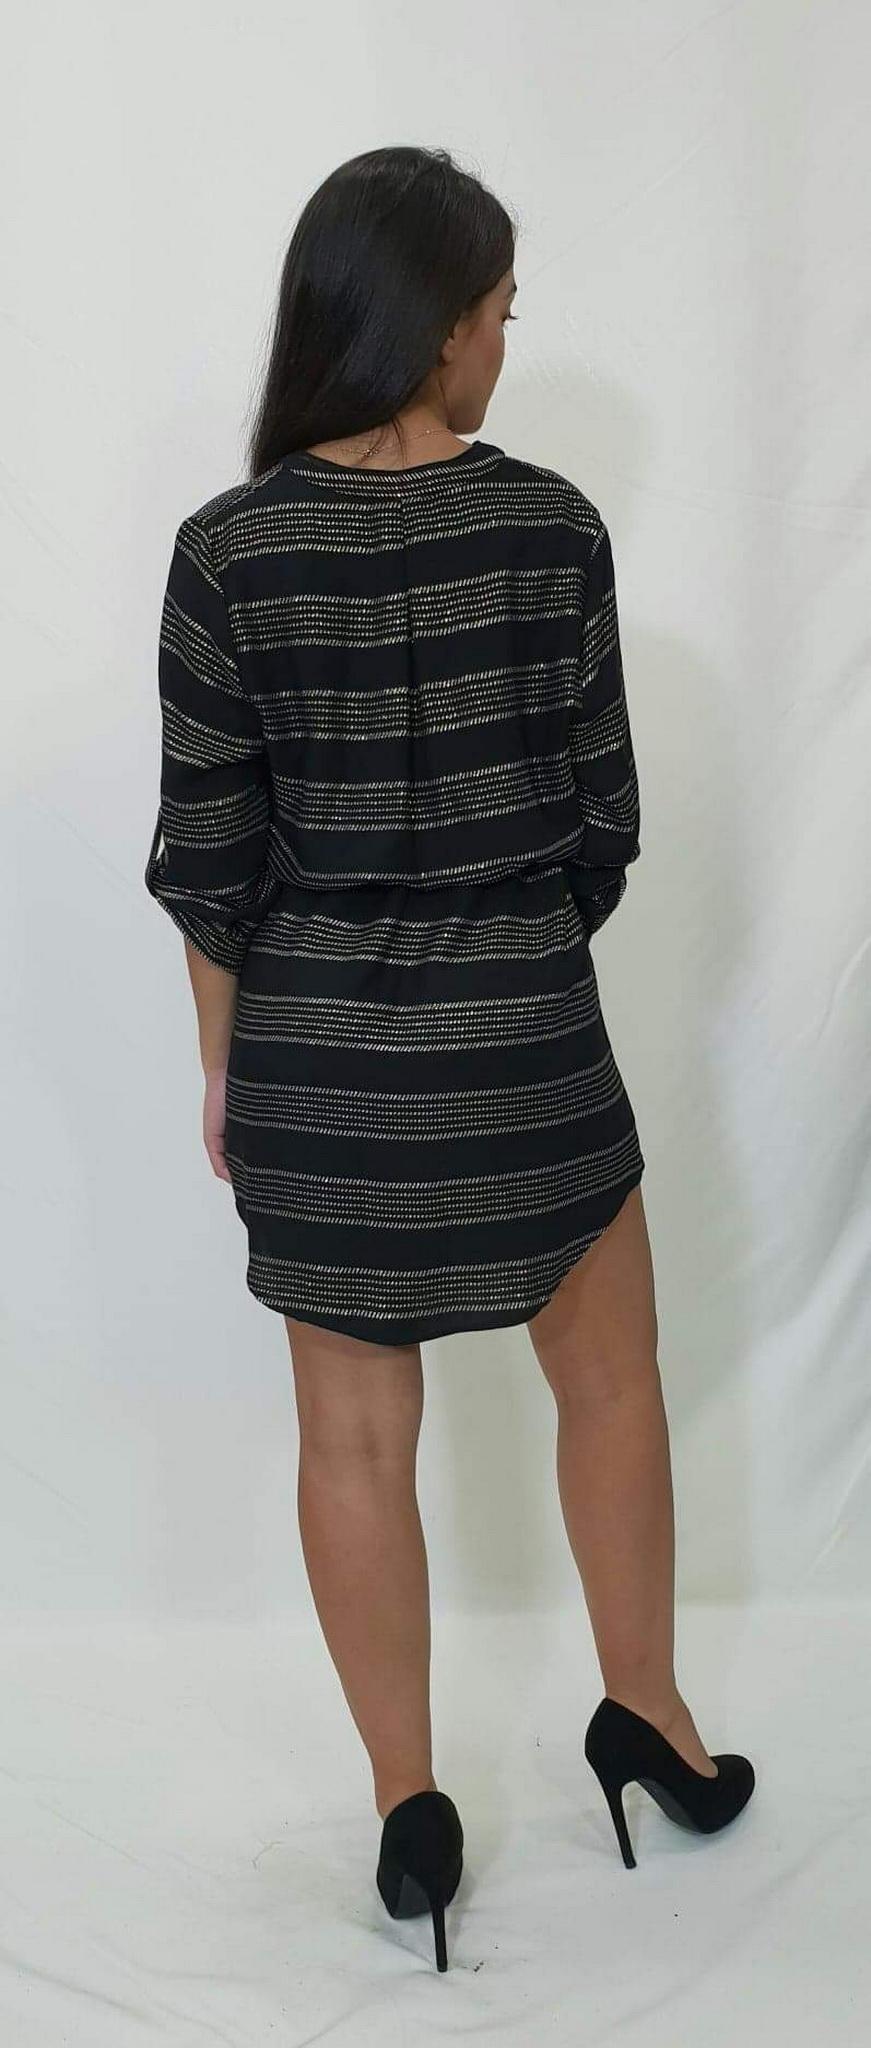 1a52662cc4 Πουκαμίσα Φόρεμα με χρυσή ρίγα - For ever Chania Clothing   Accessories